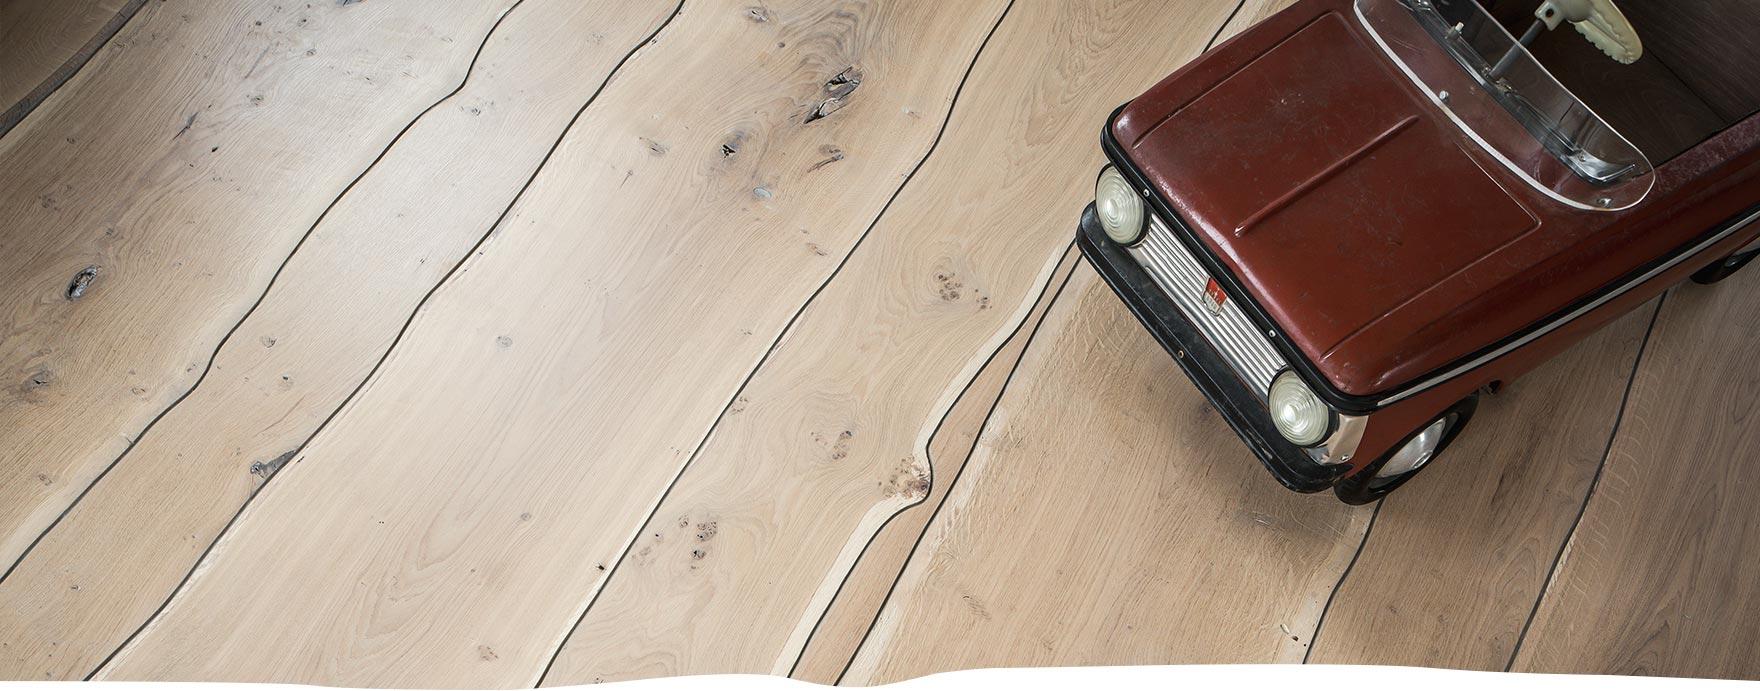 Boomstamvloer ongerookt, op vloerverwarming - De Hout Snip